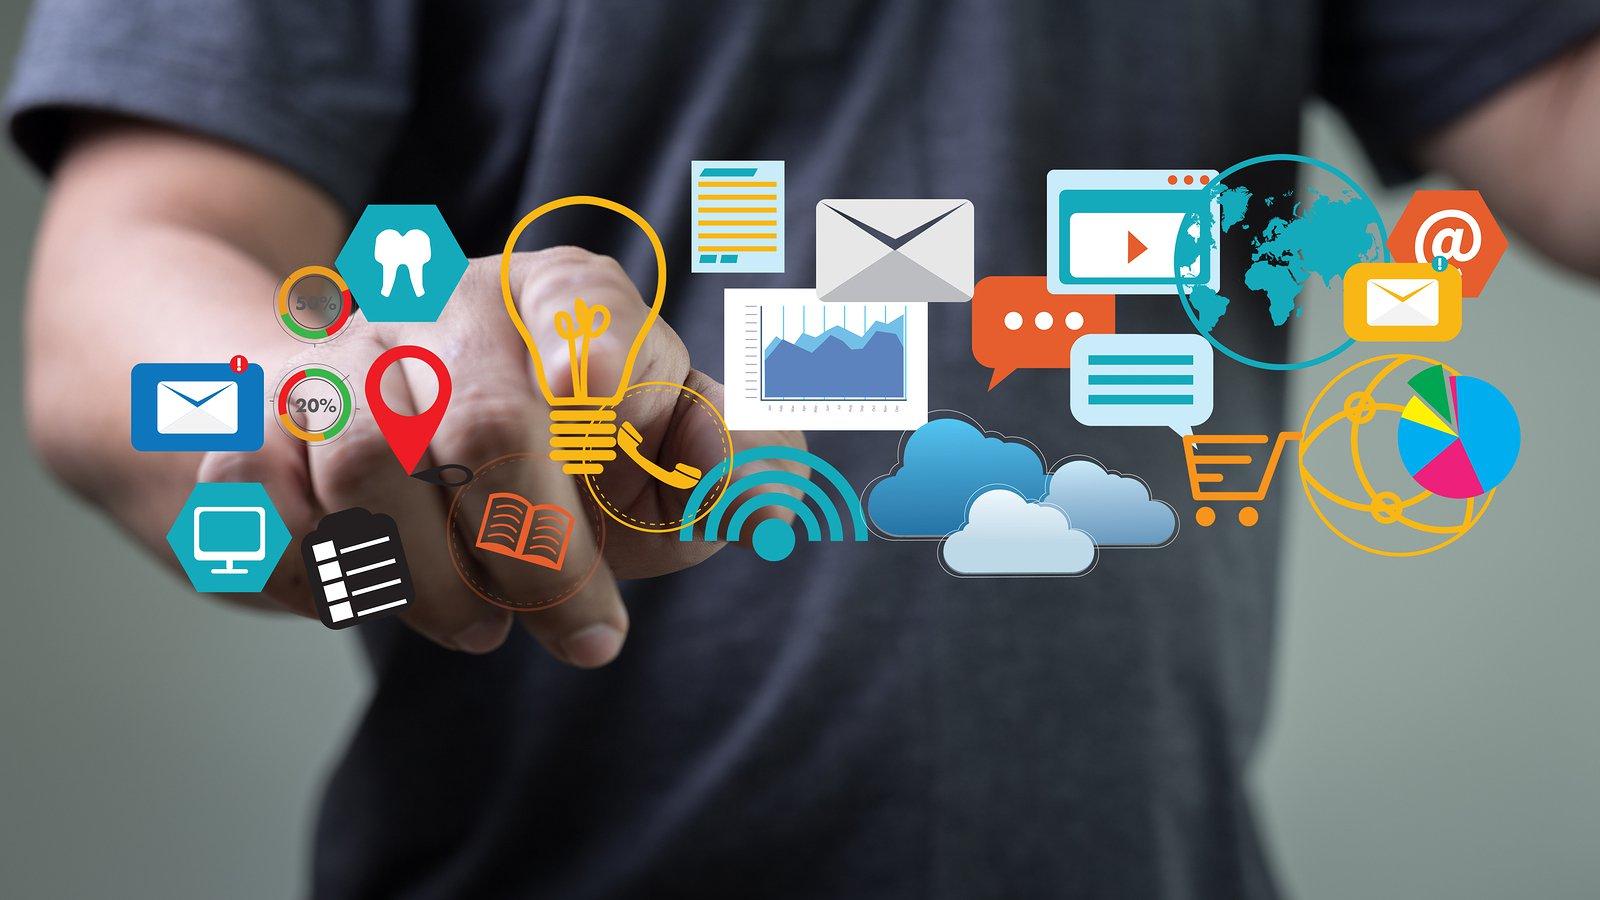 La industria publicitaria crecerá 8.3% en 2021 impulsada por ventas en online